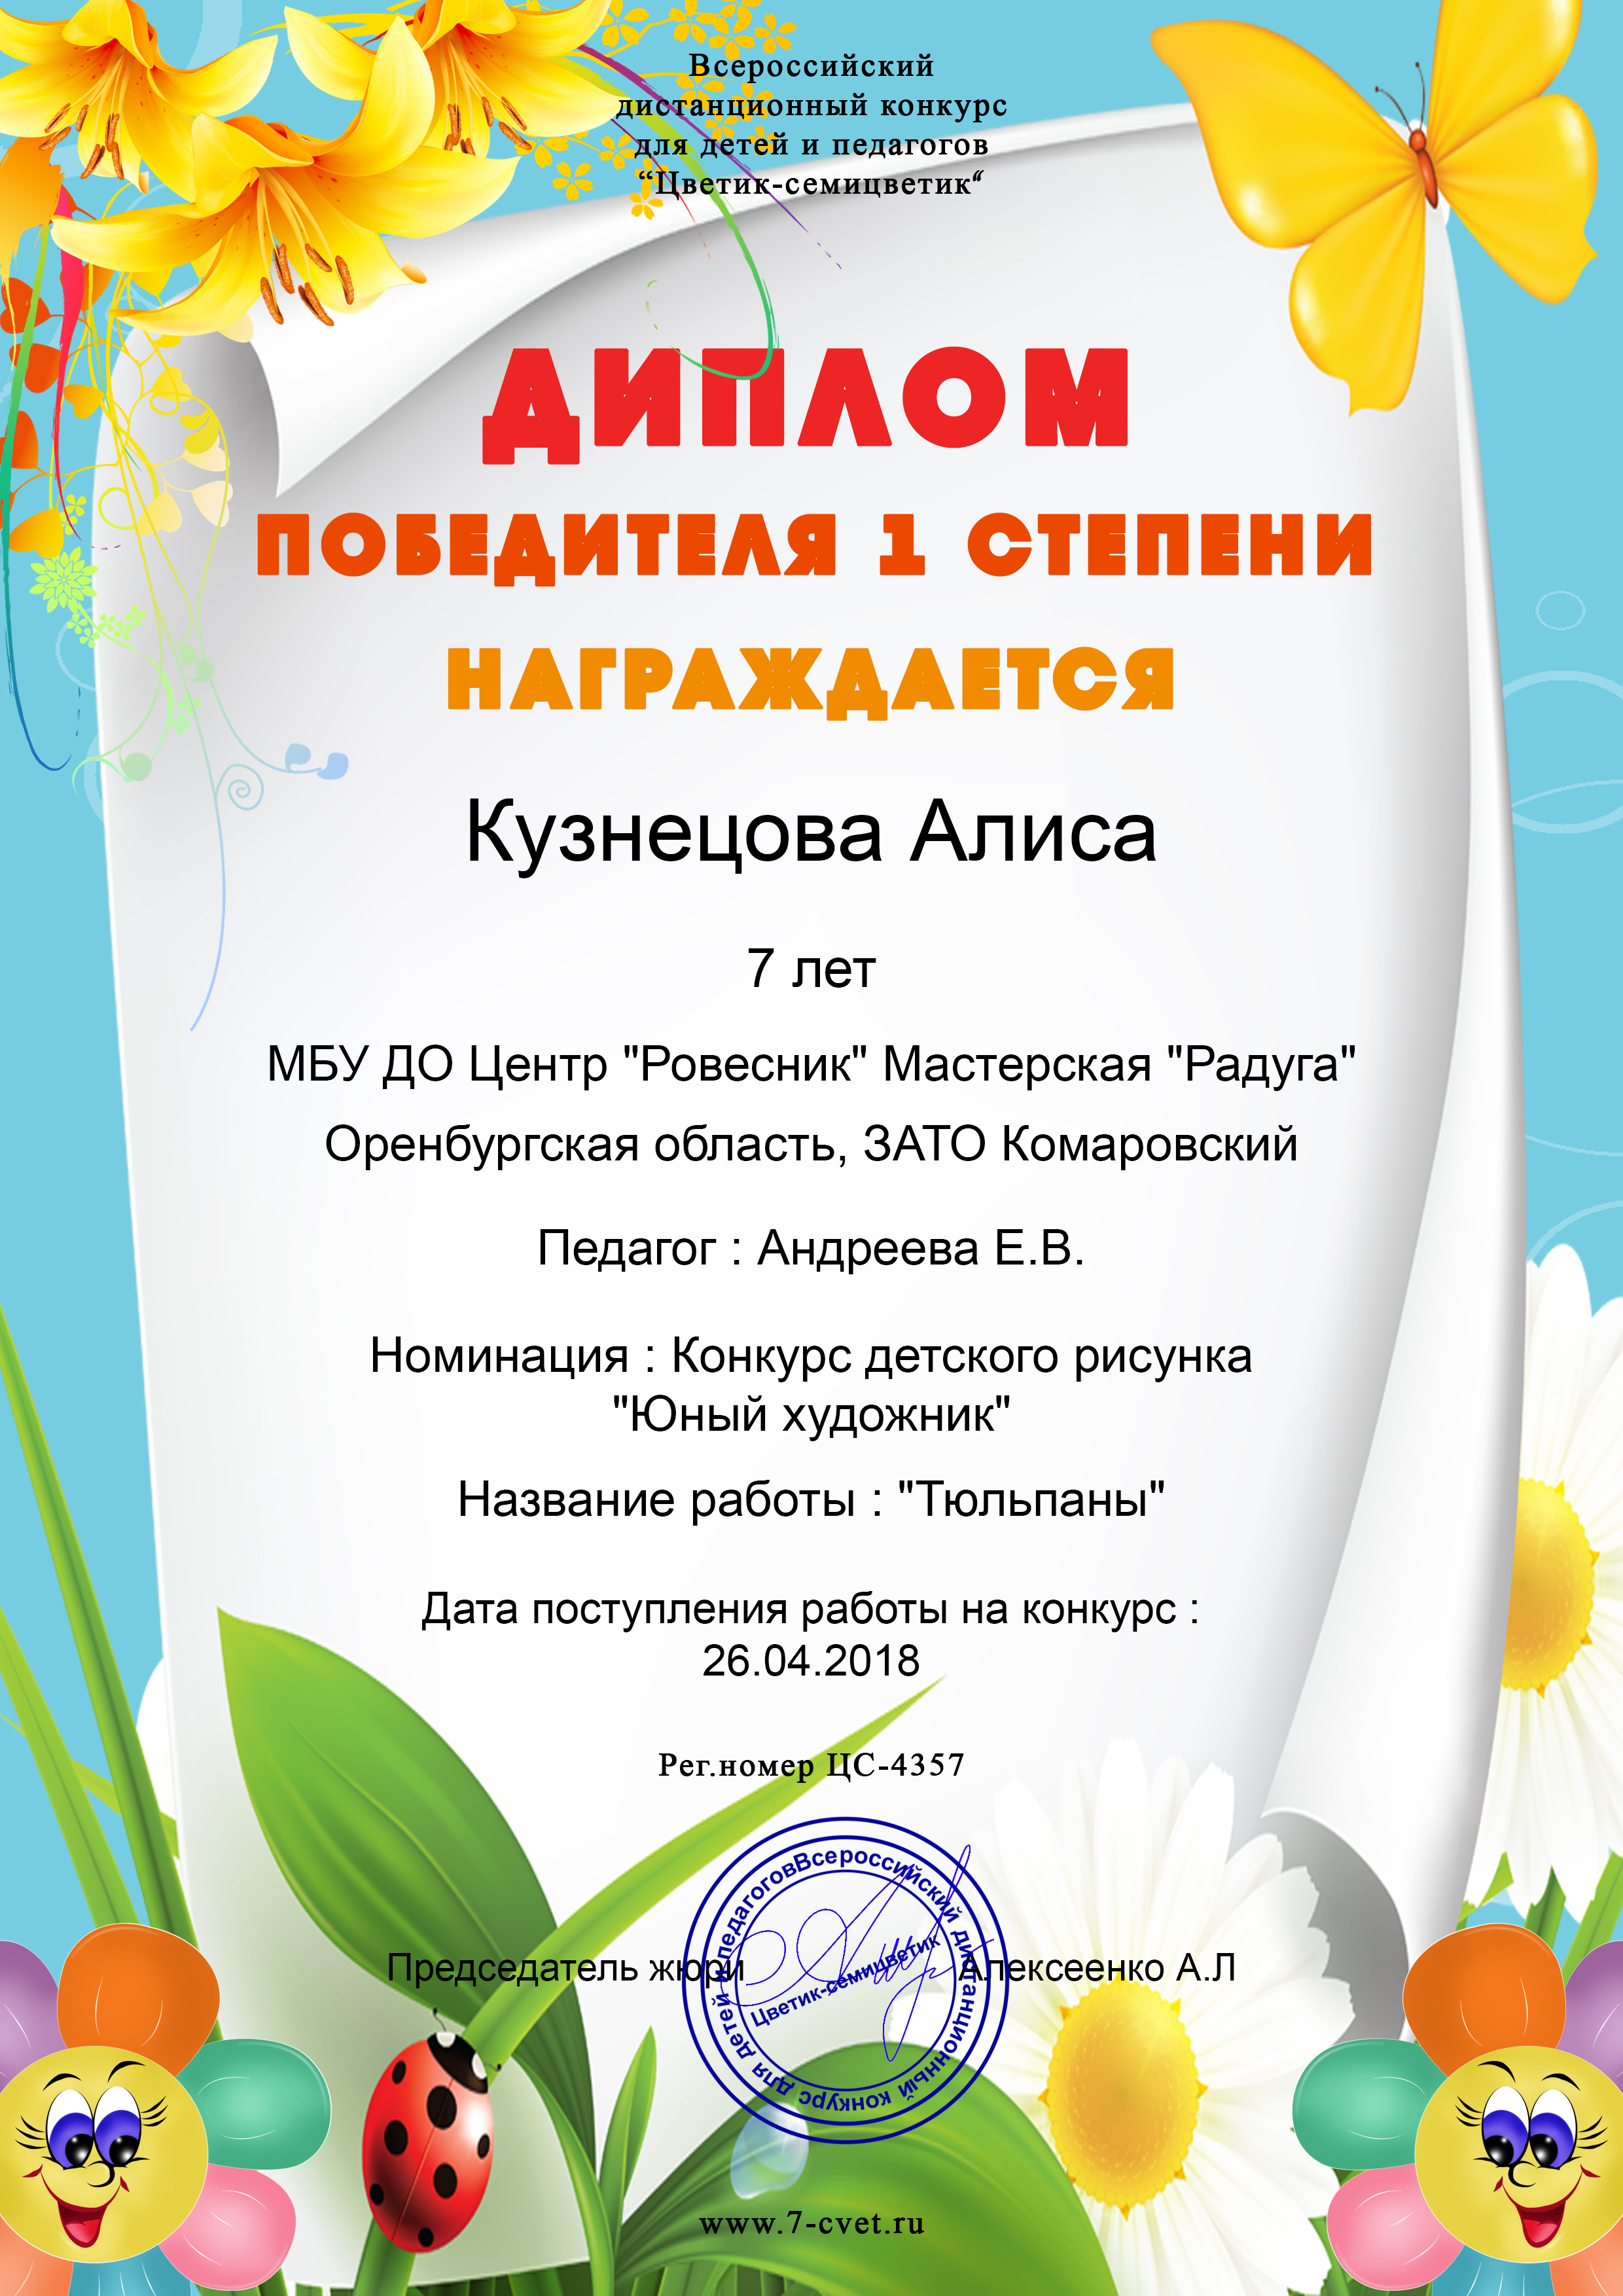 Кузнецова Алиса